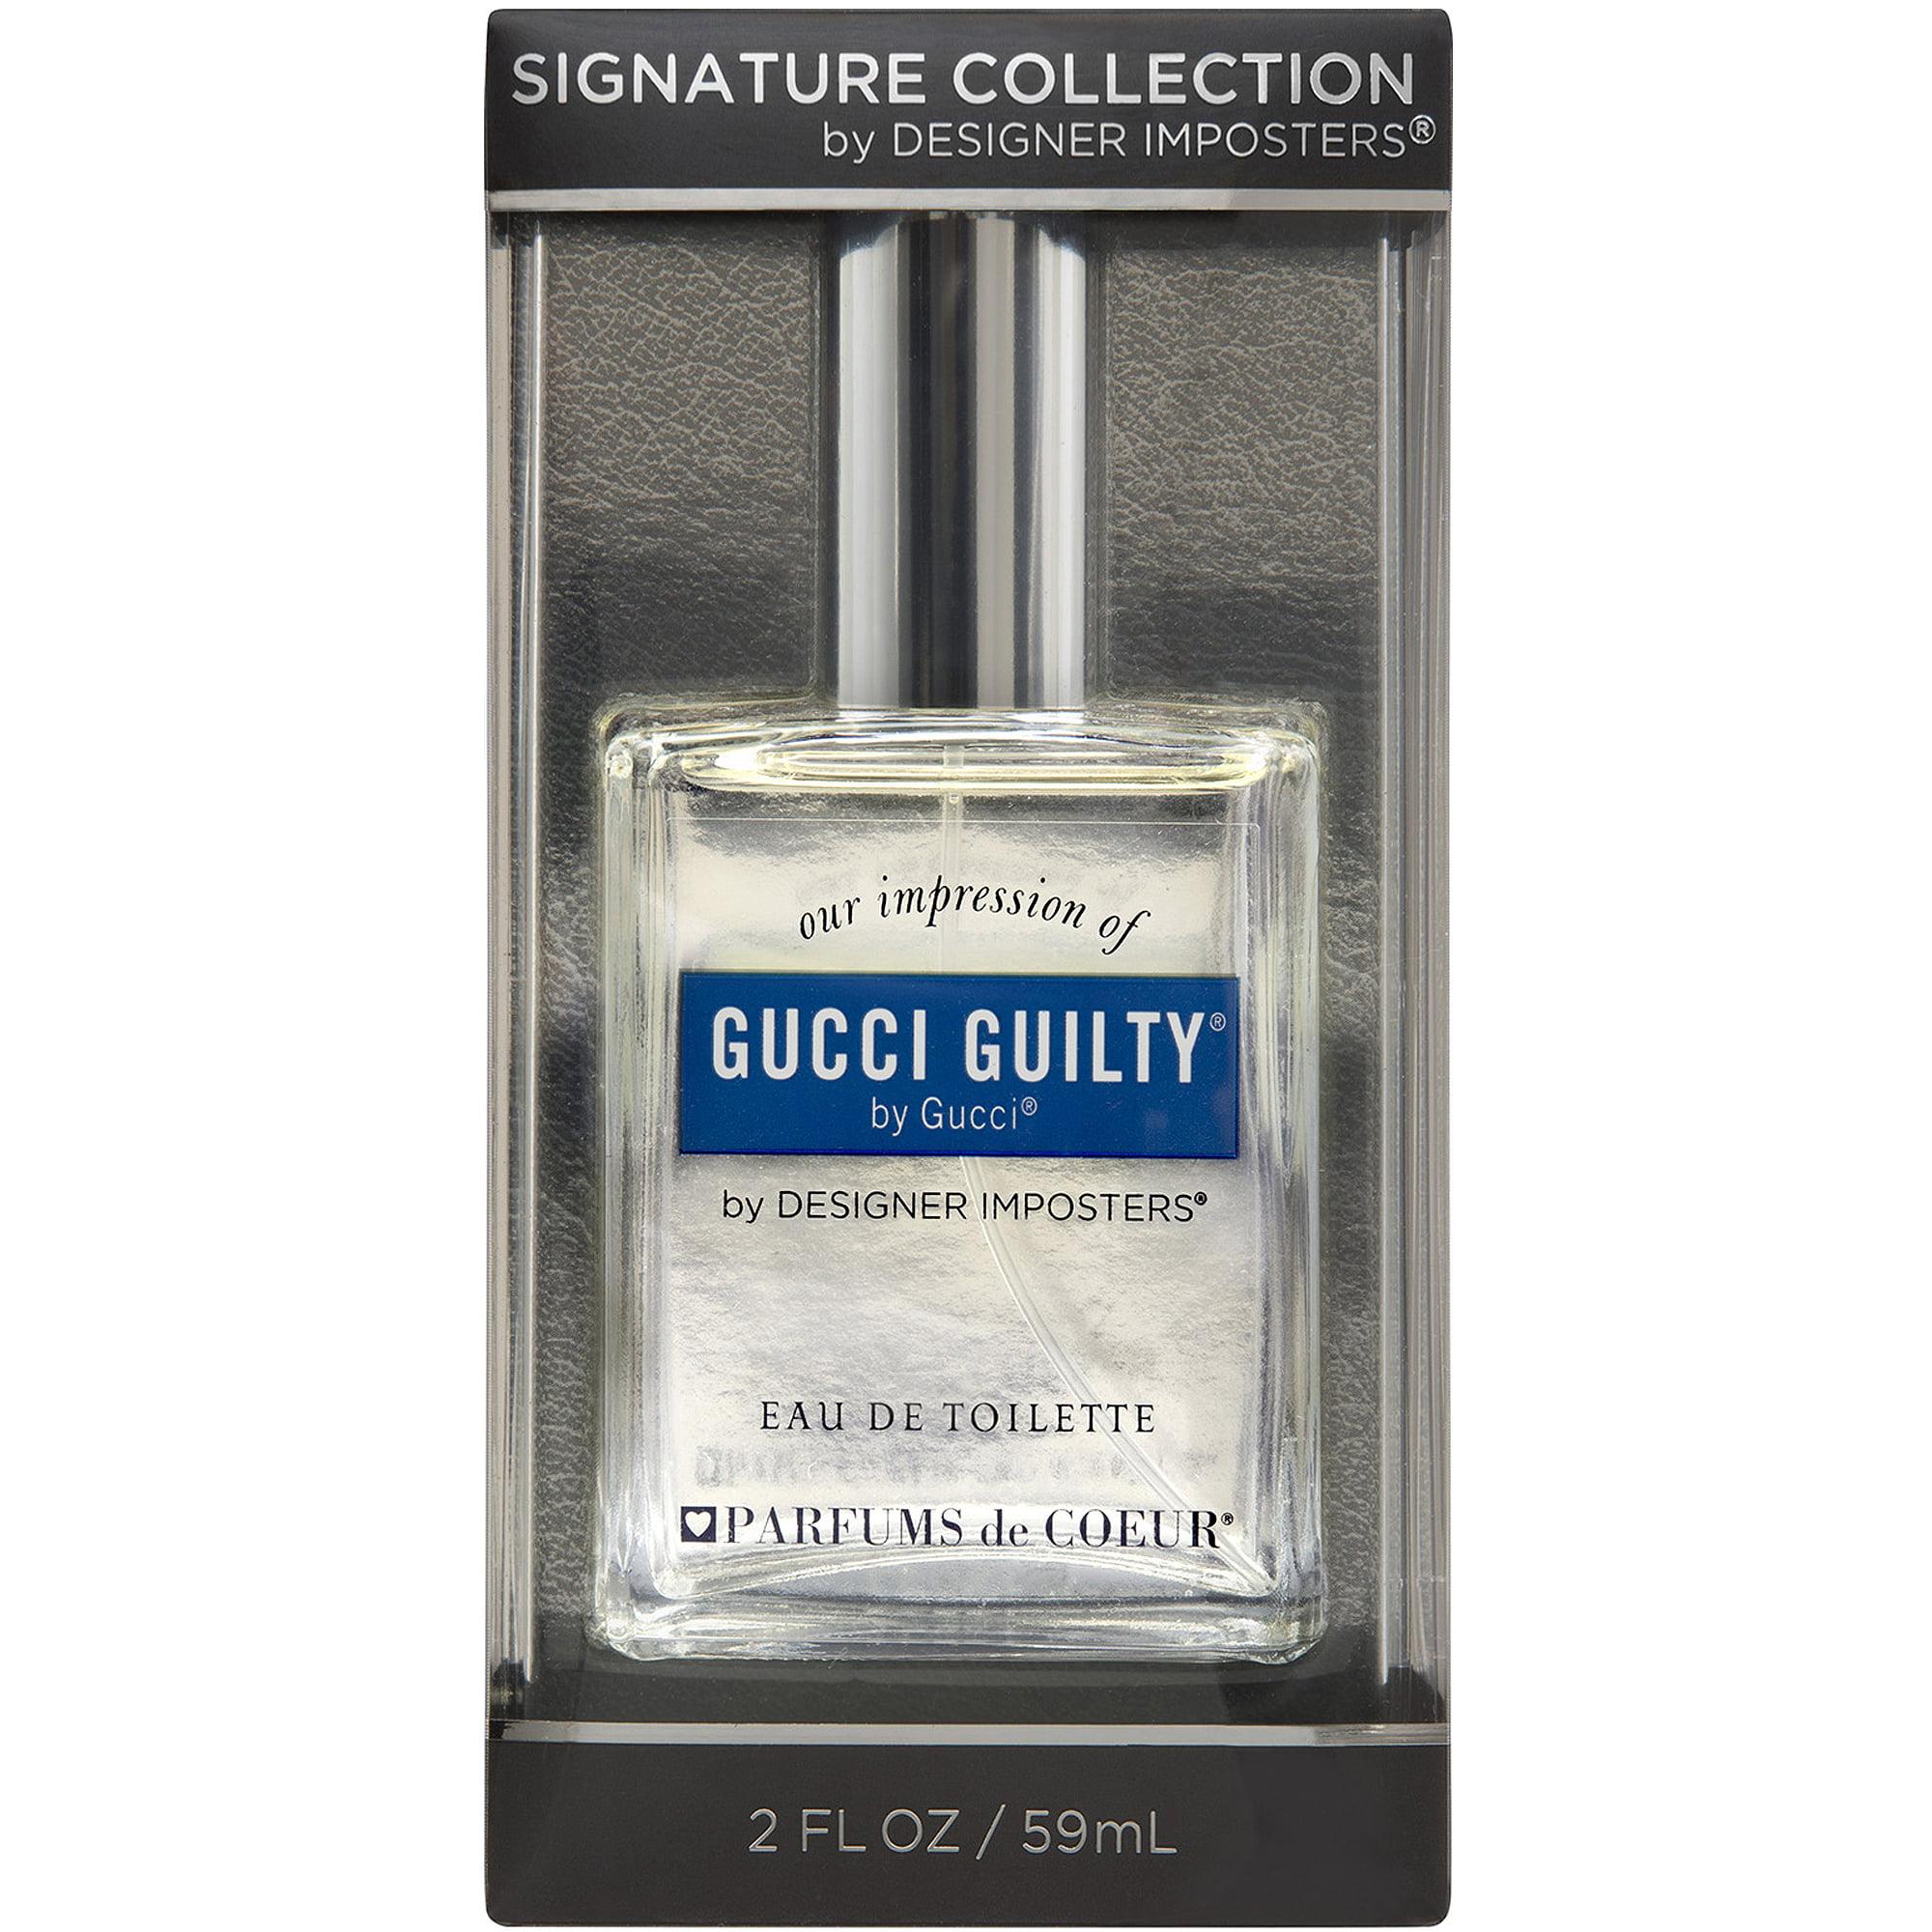 Designer Imposters Our Impression Of Gucci Guilty Eau De Toilette 2 Gulity Black For Men Fl Oz